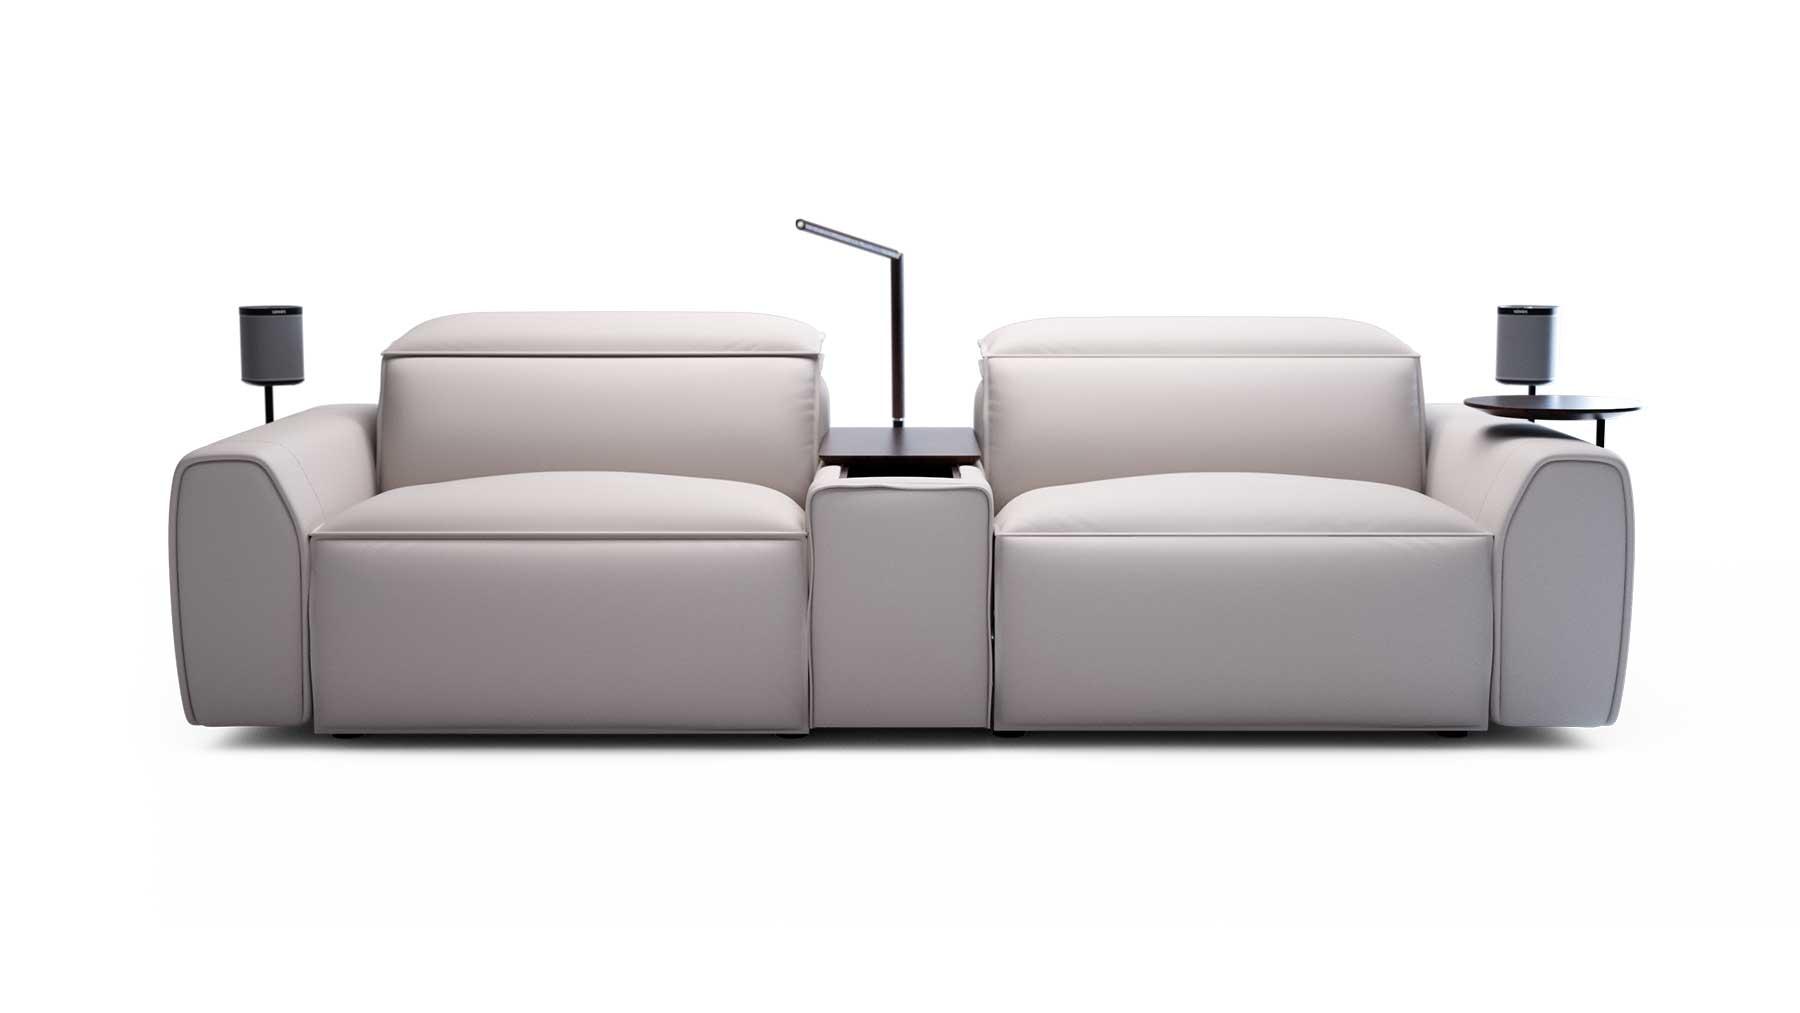 Nimbus Reclining Sofa Luxurious Recliner Modular Sofa Lounge